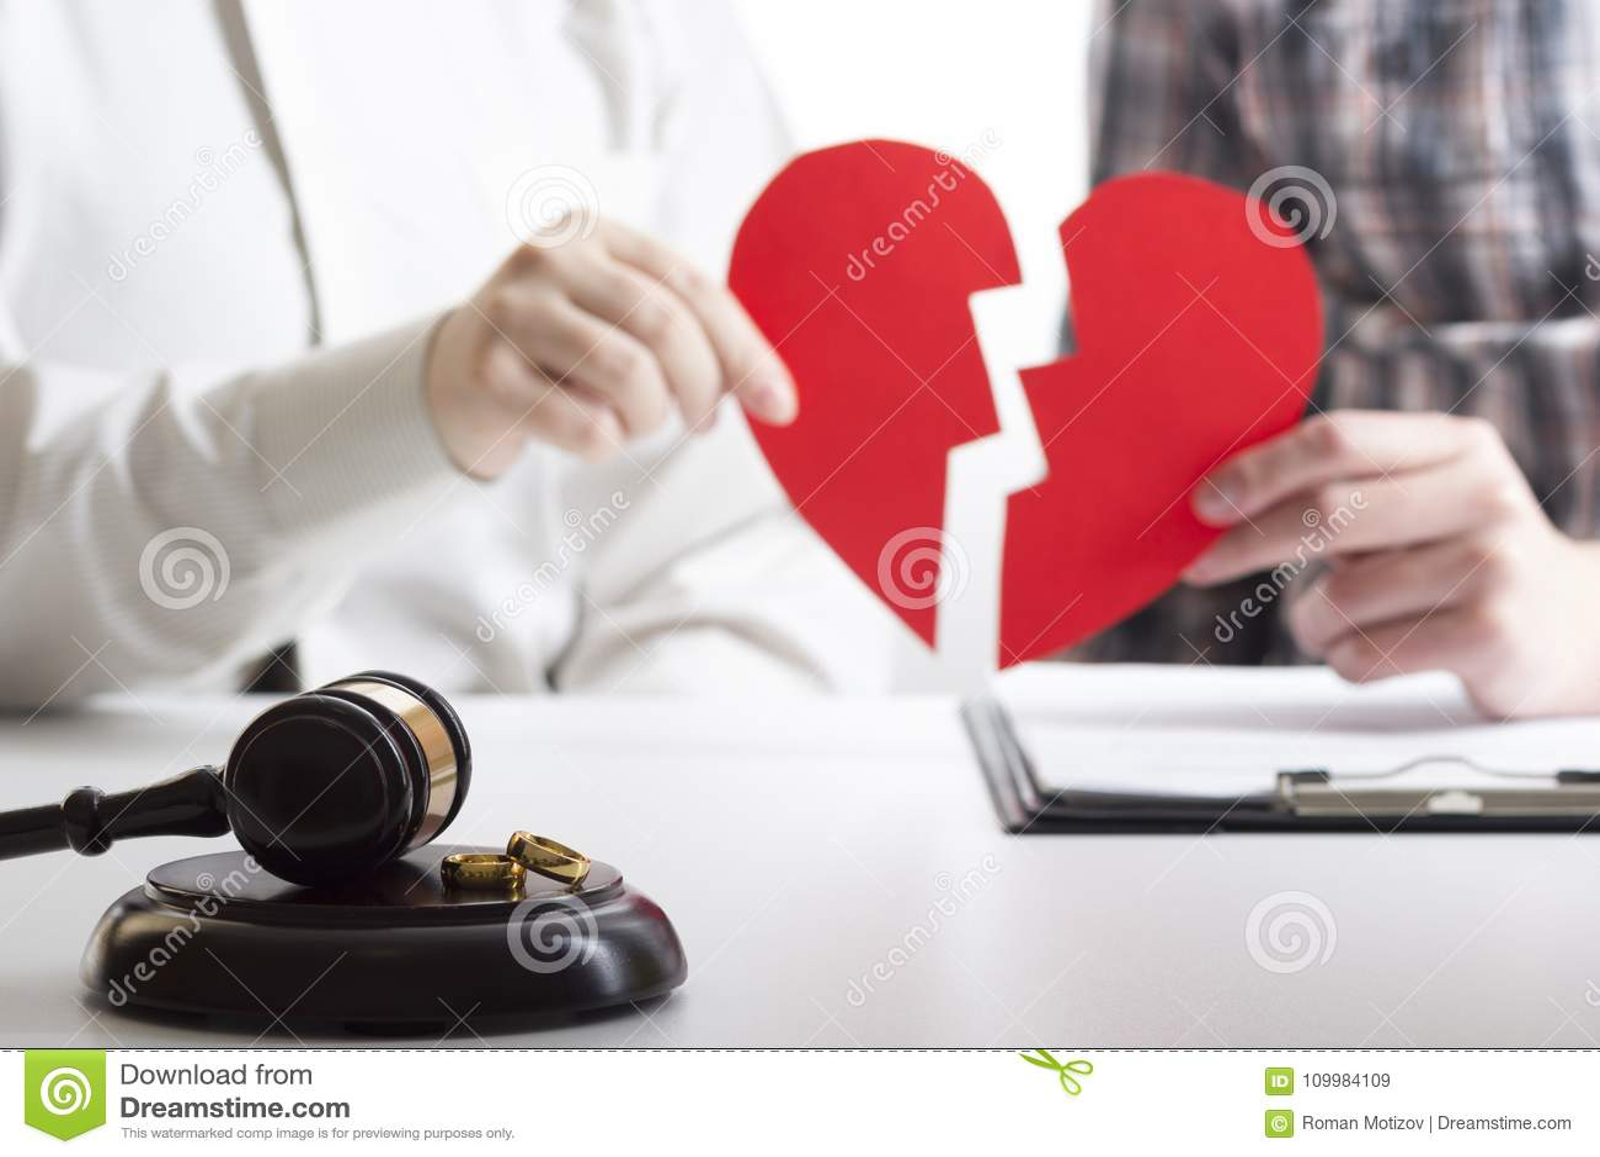 Manos de la esposa, decreto de firma del marido del divorcio, disolución, cancelando boda, documentos de la separación legal, arc